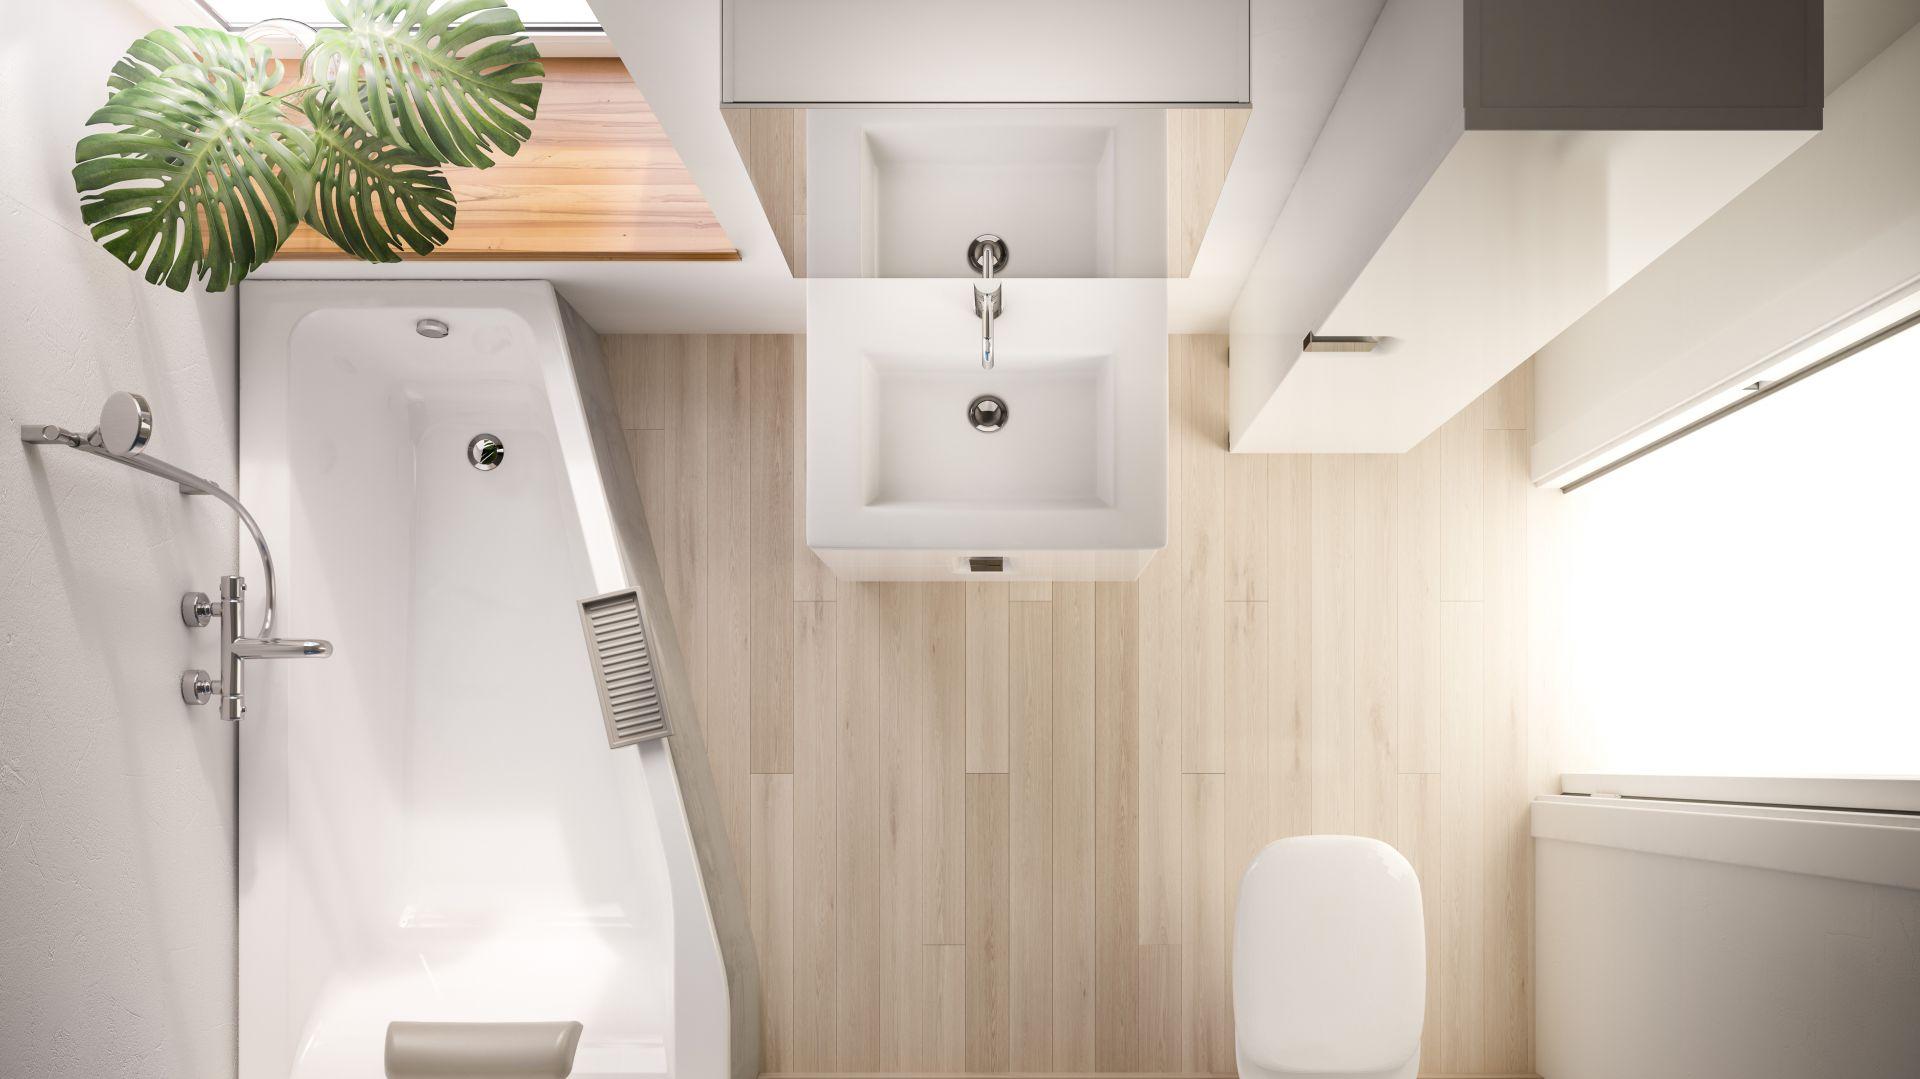 Asymetryczna wanna Sava marki Koło sprawdzi się idealnie w małych łazienkach. Fot. Sava